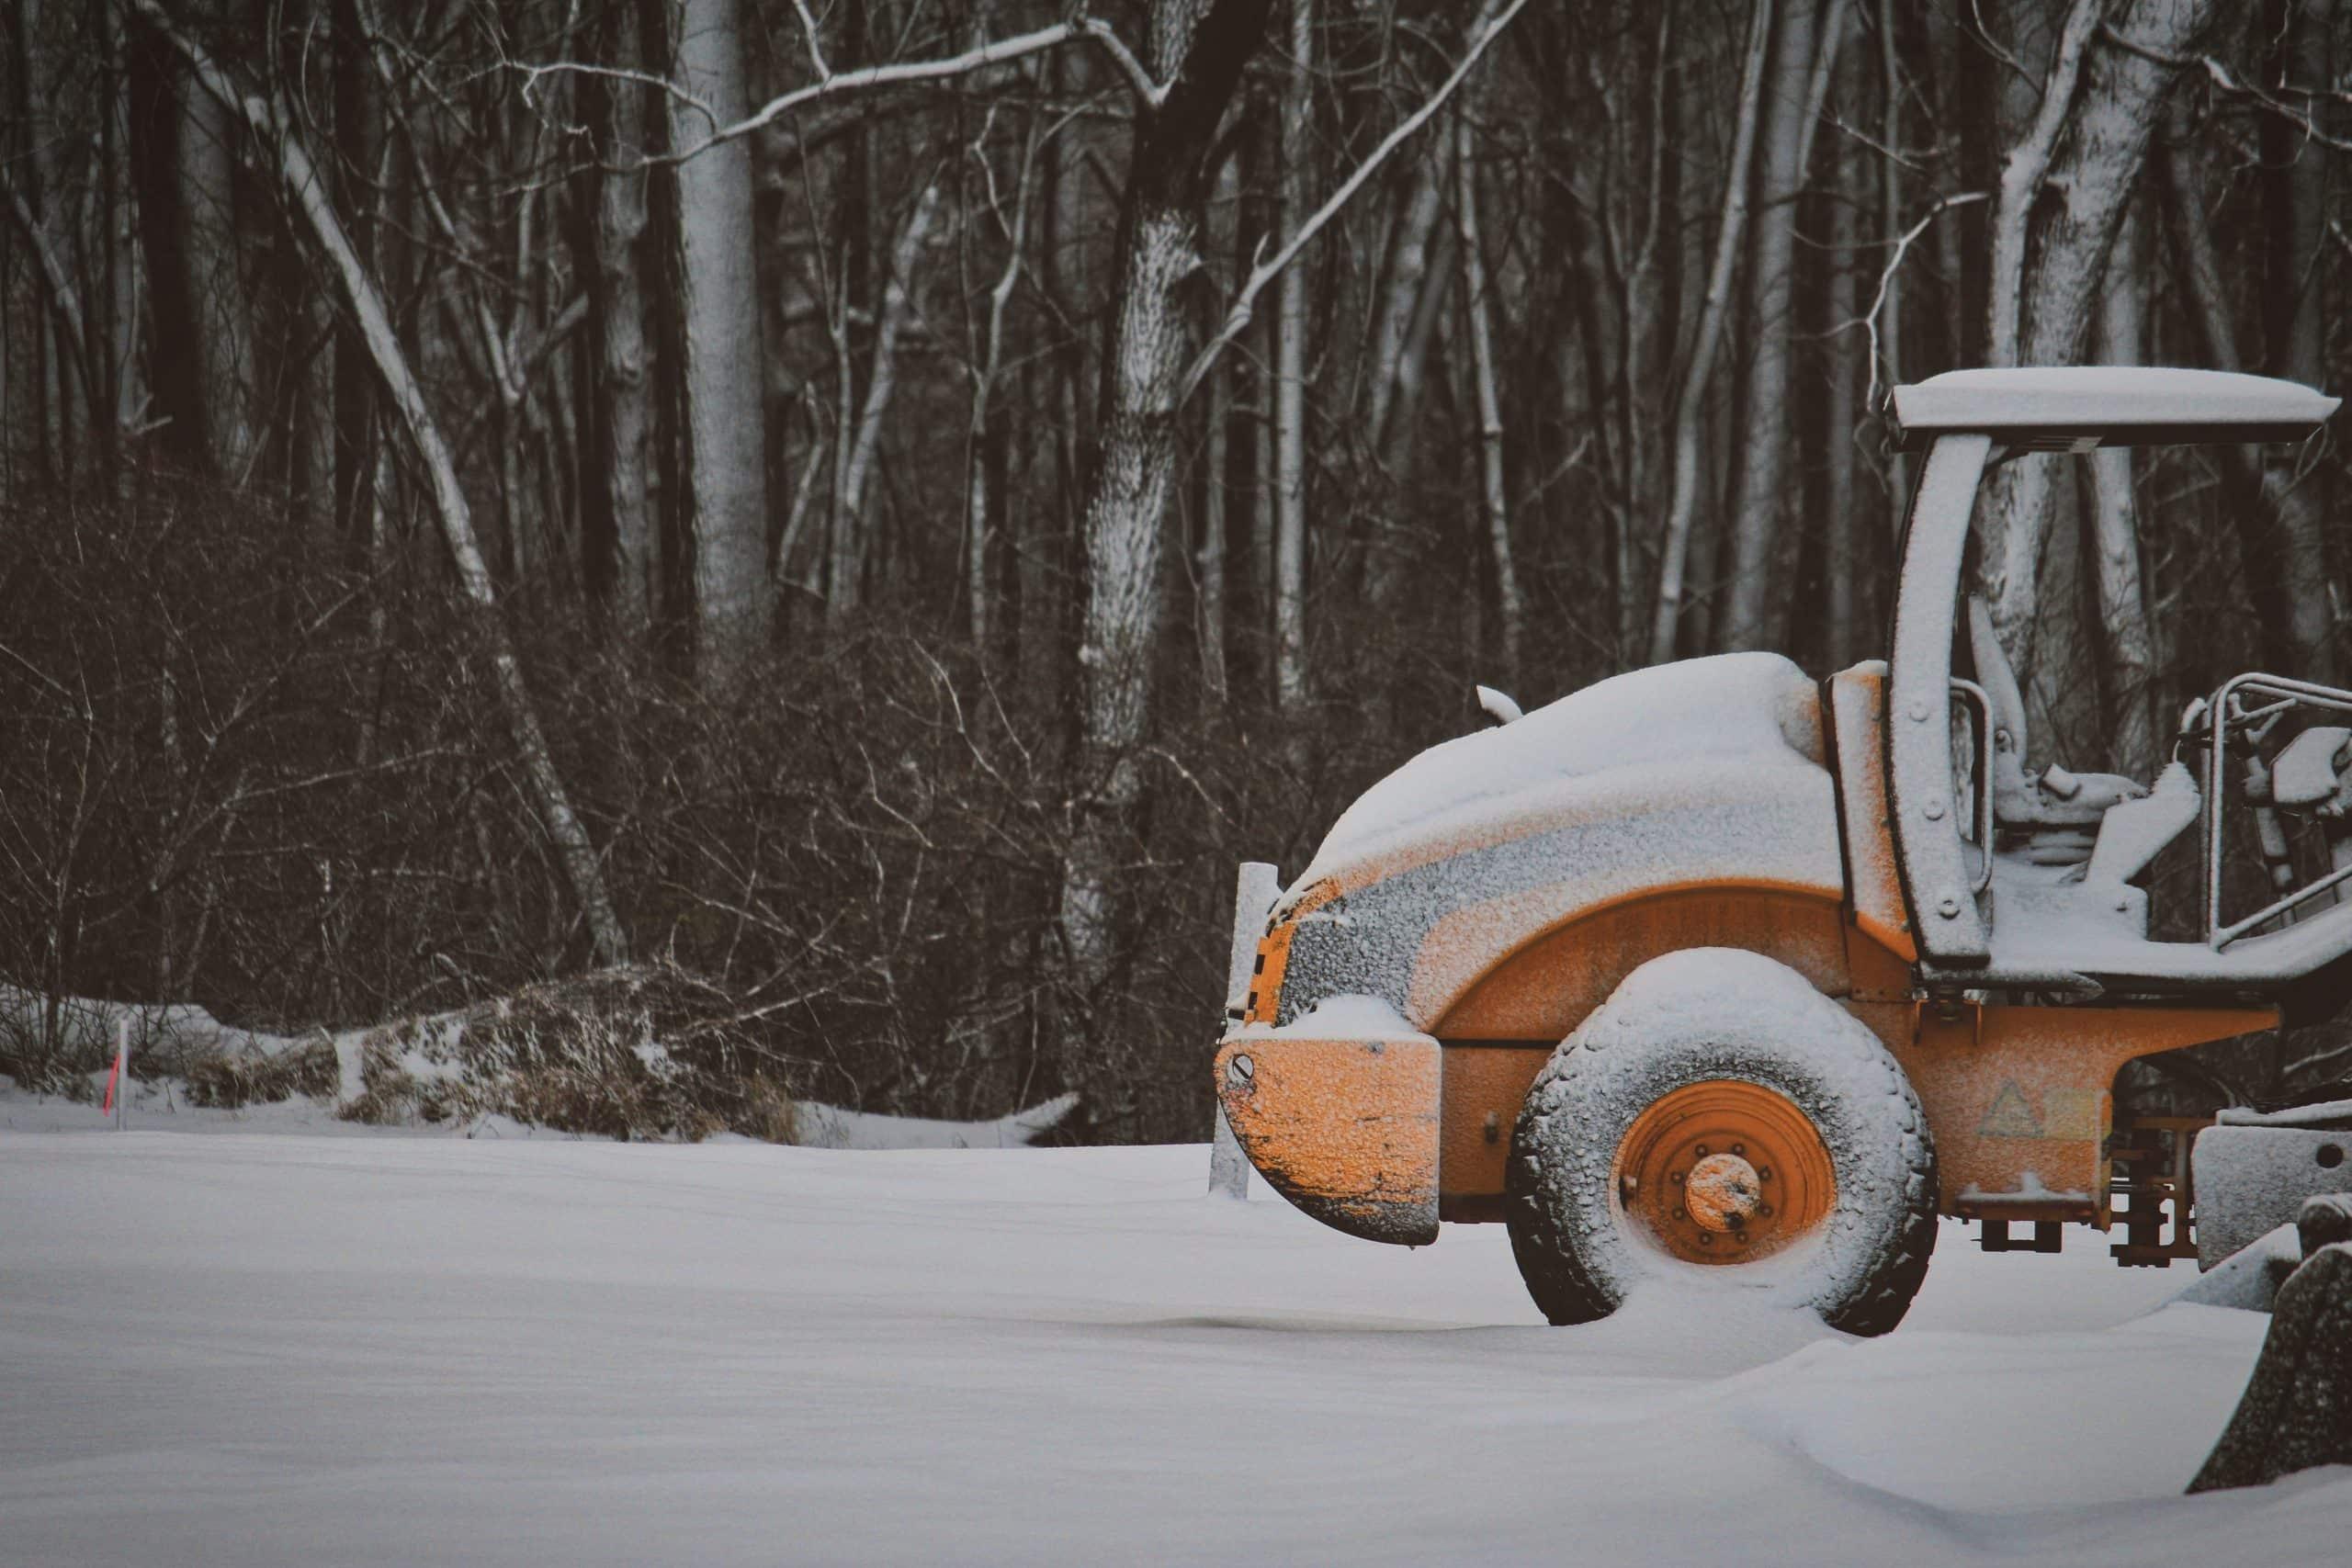 Engin de chantier dans la neige